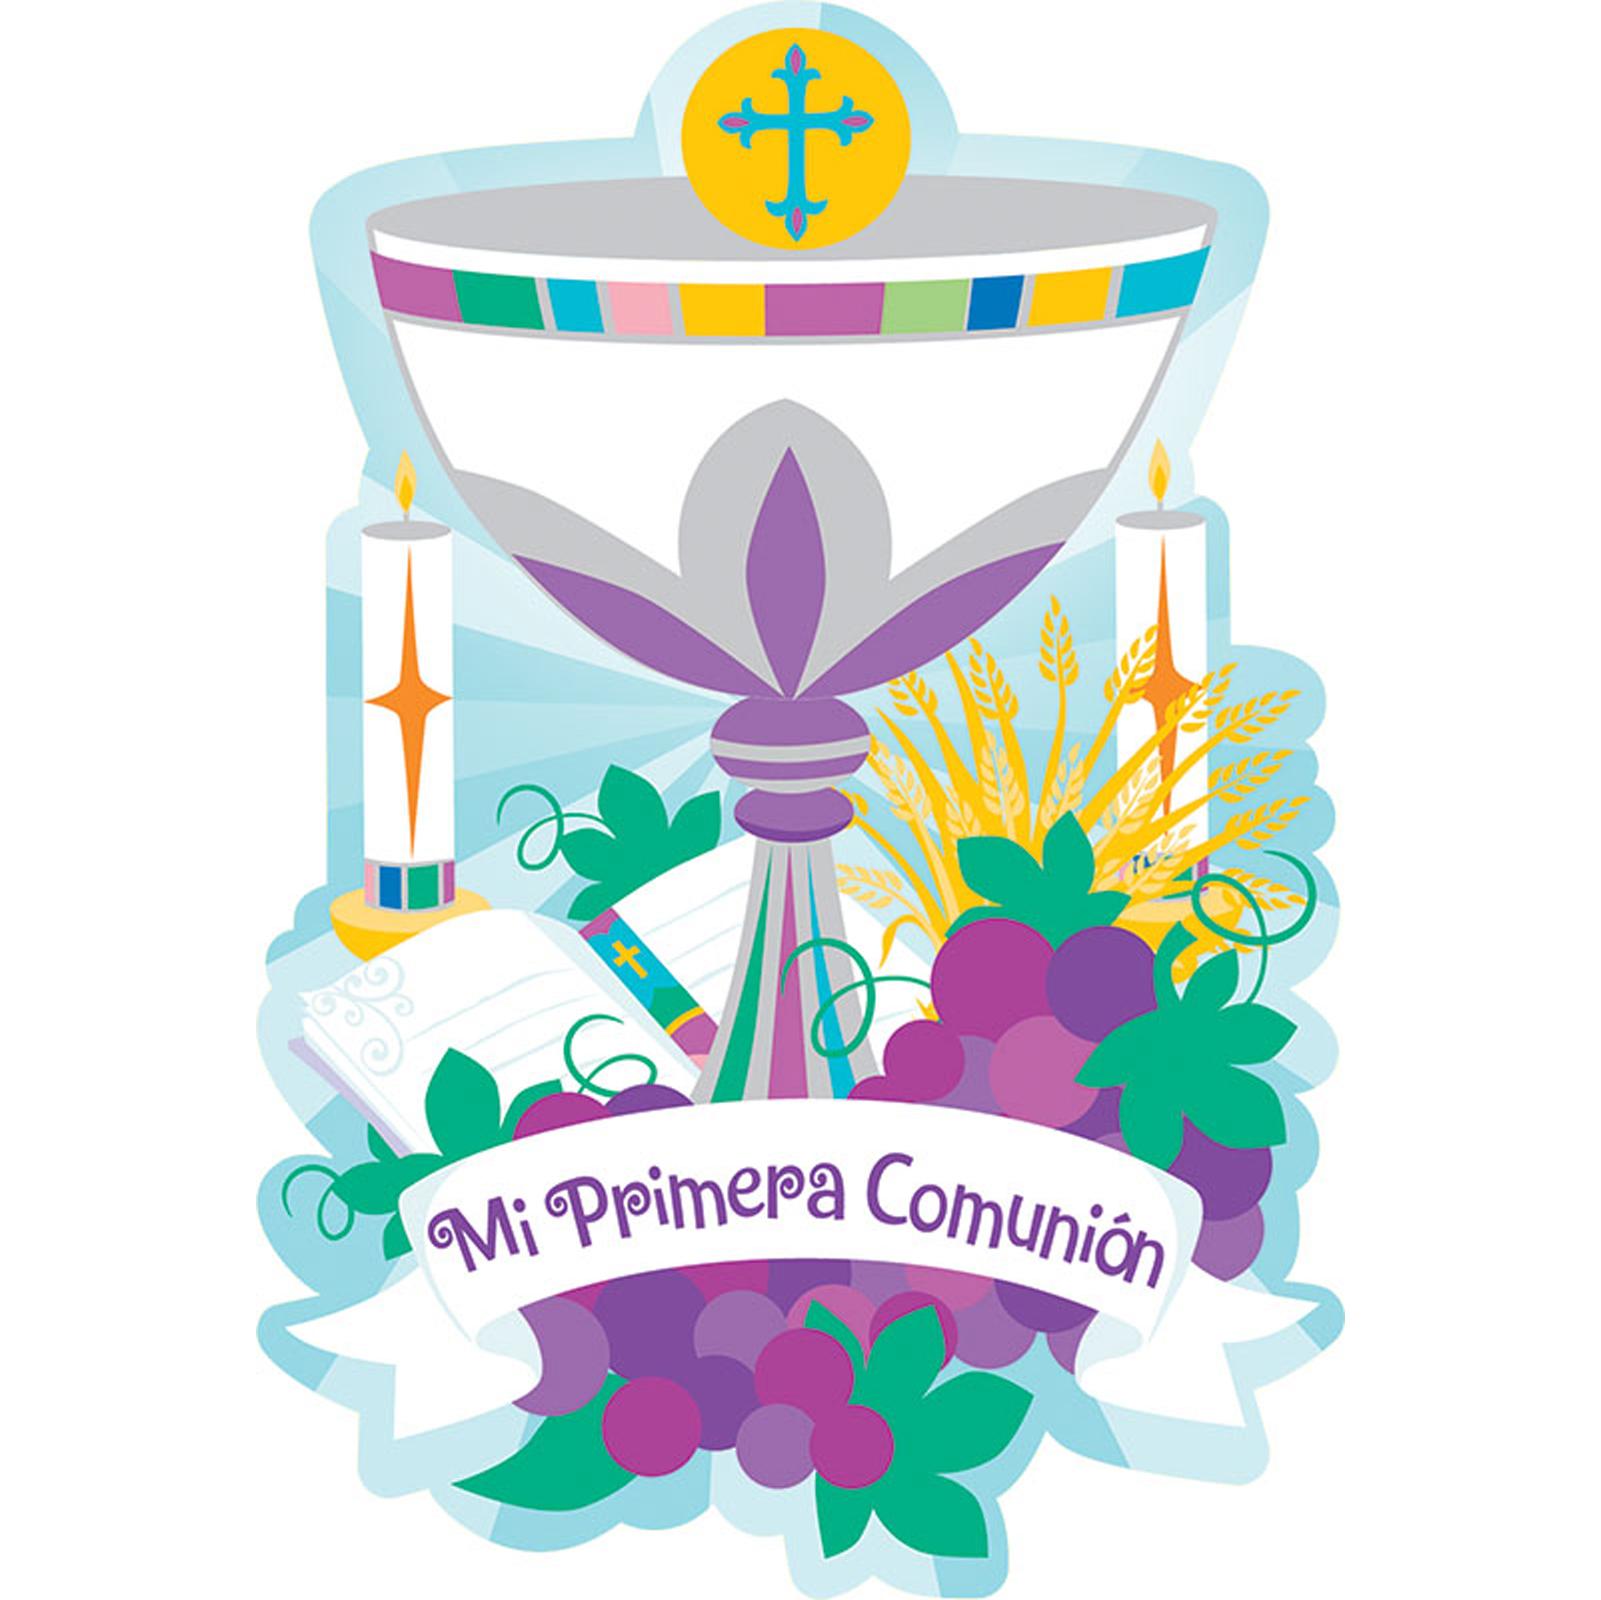 Details about Mi Primera Comunion Invitations (8).